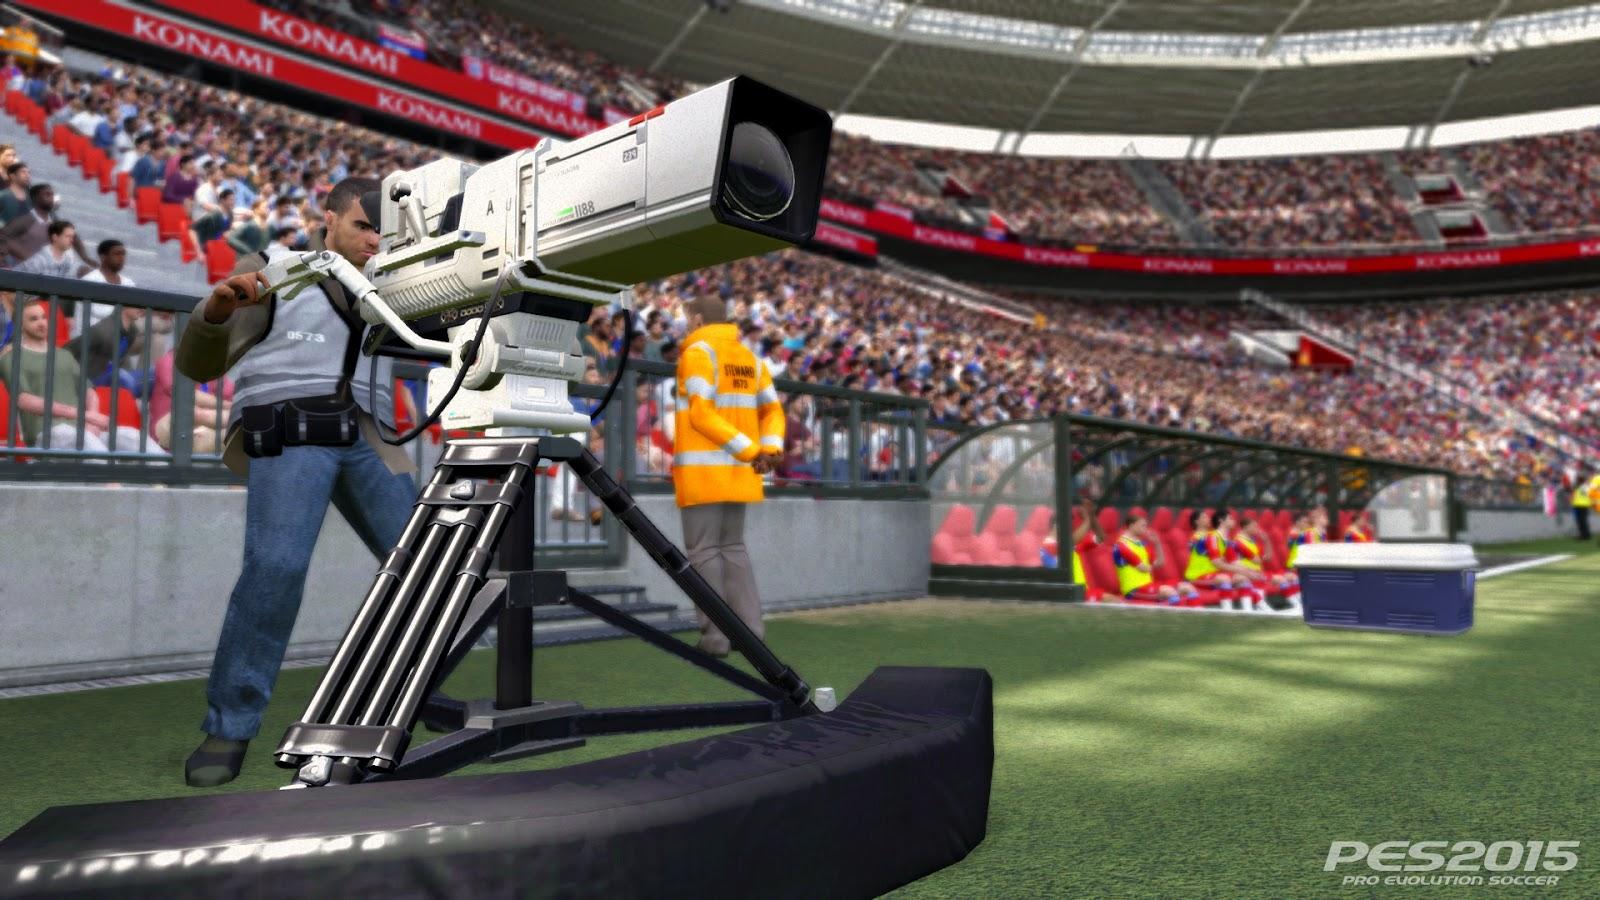 [GameGokil.com] Pro Evolution Soccer 2015 (PES 2015) Single Link Direct Link Full Version